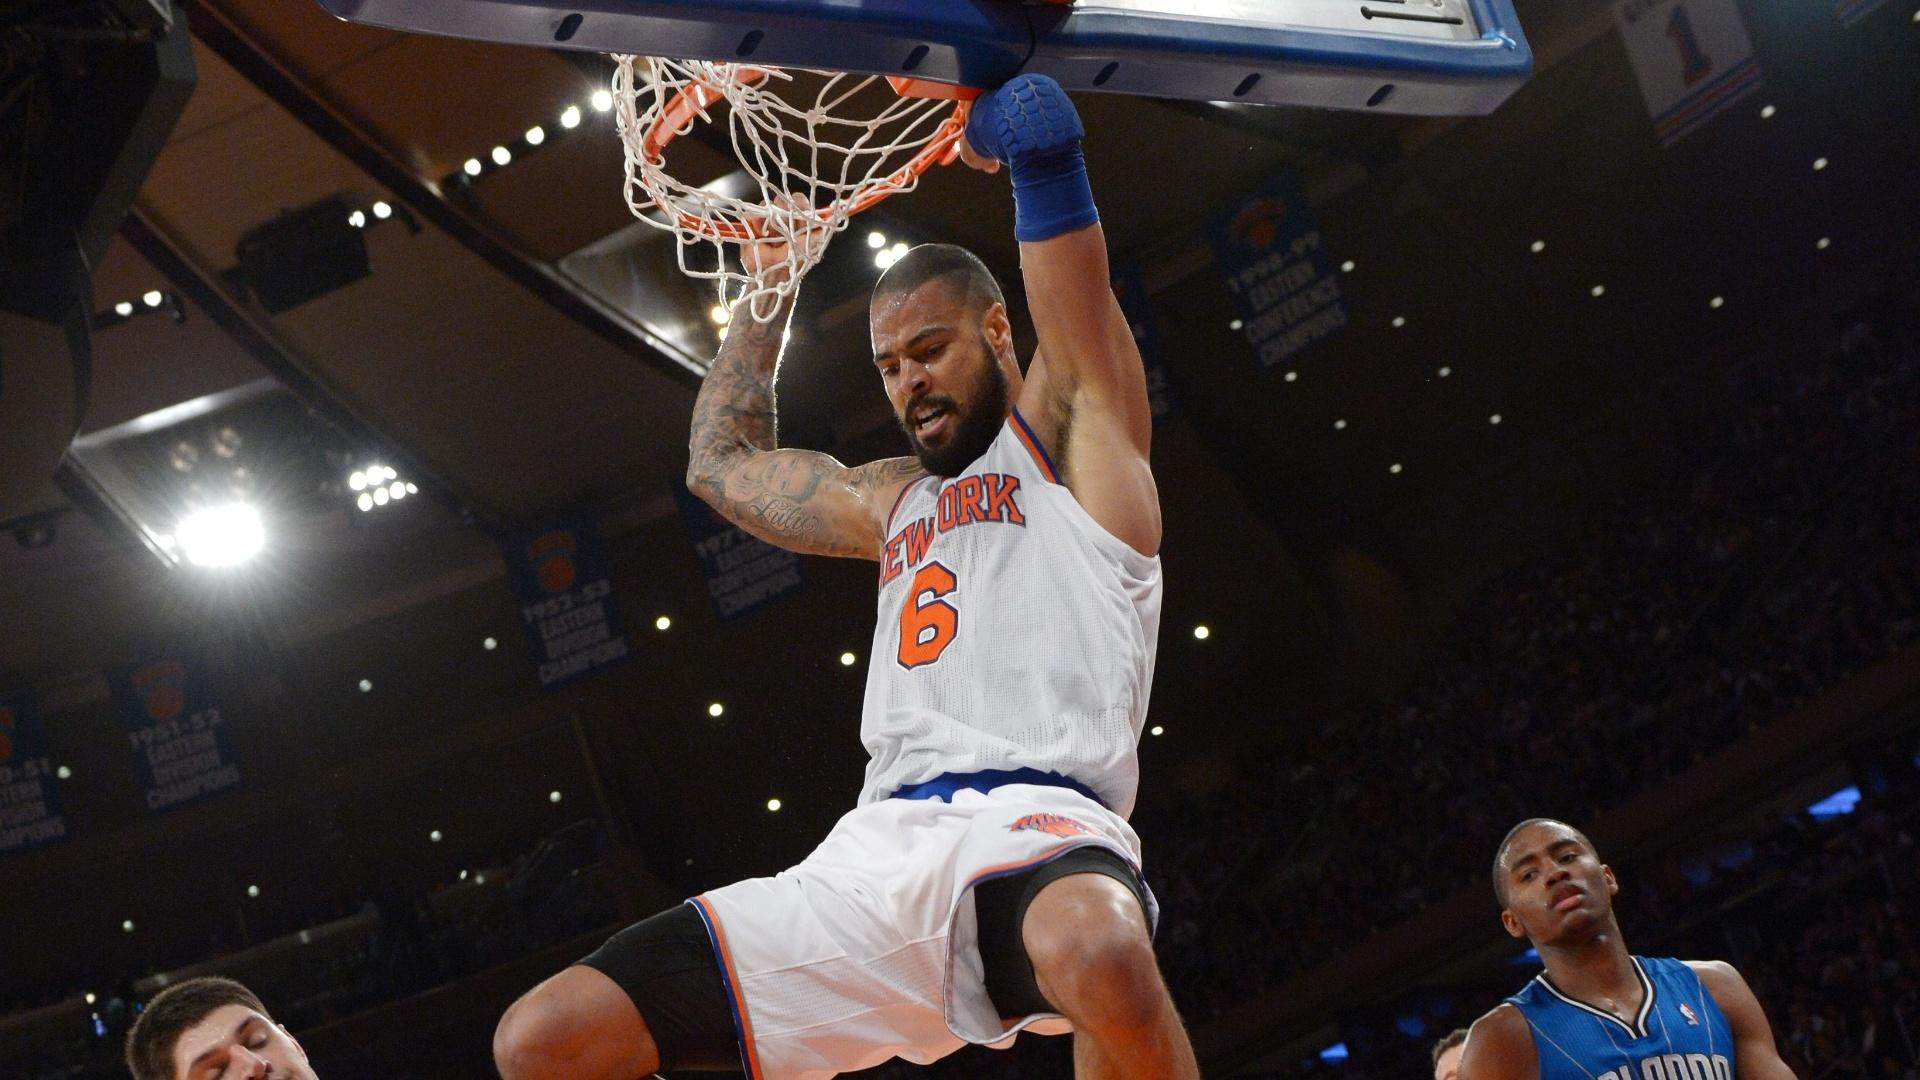 30.jan.2013 - Tyson Chandler converte enterrada para o New York Knicks em vitória sobre o Orlando Magic